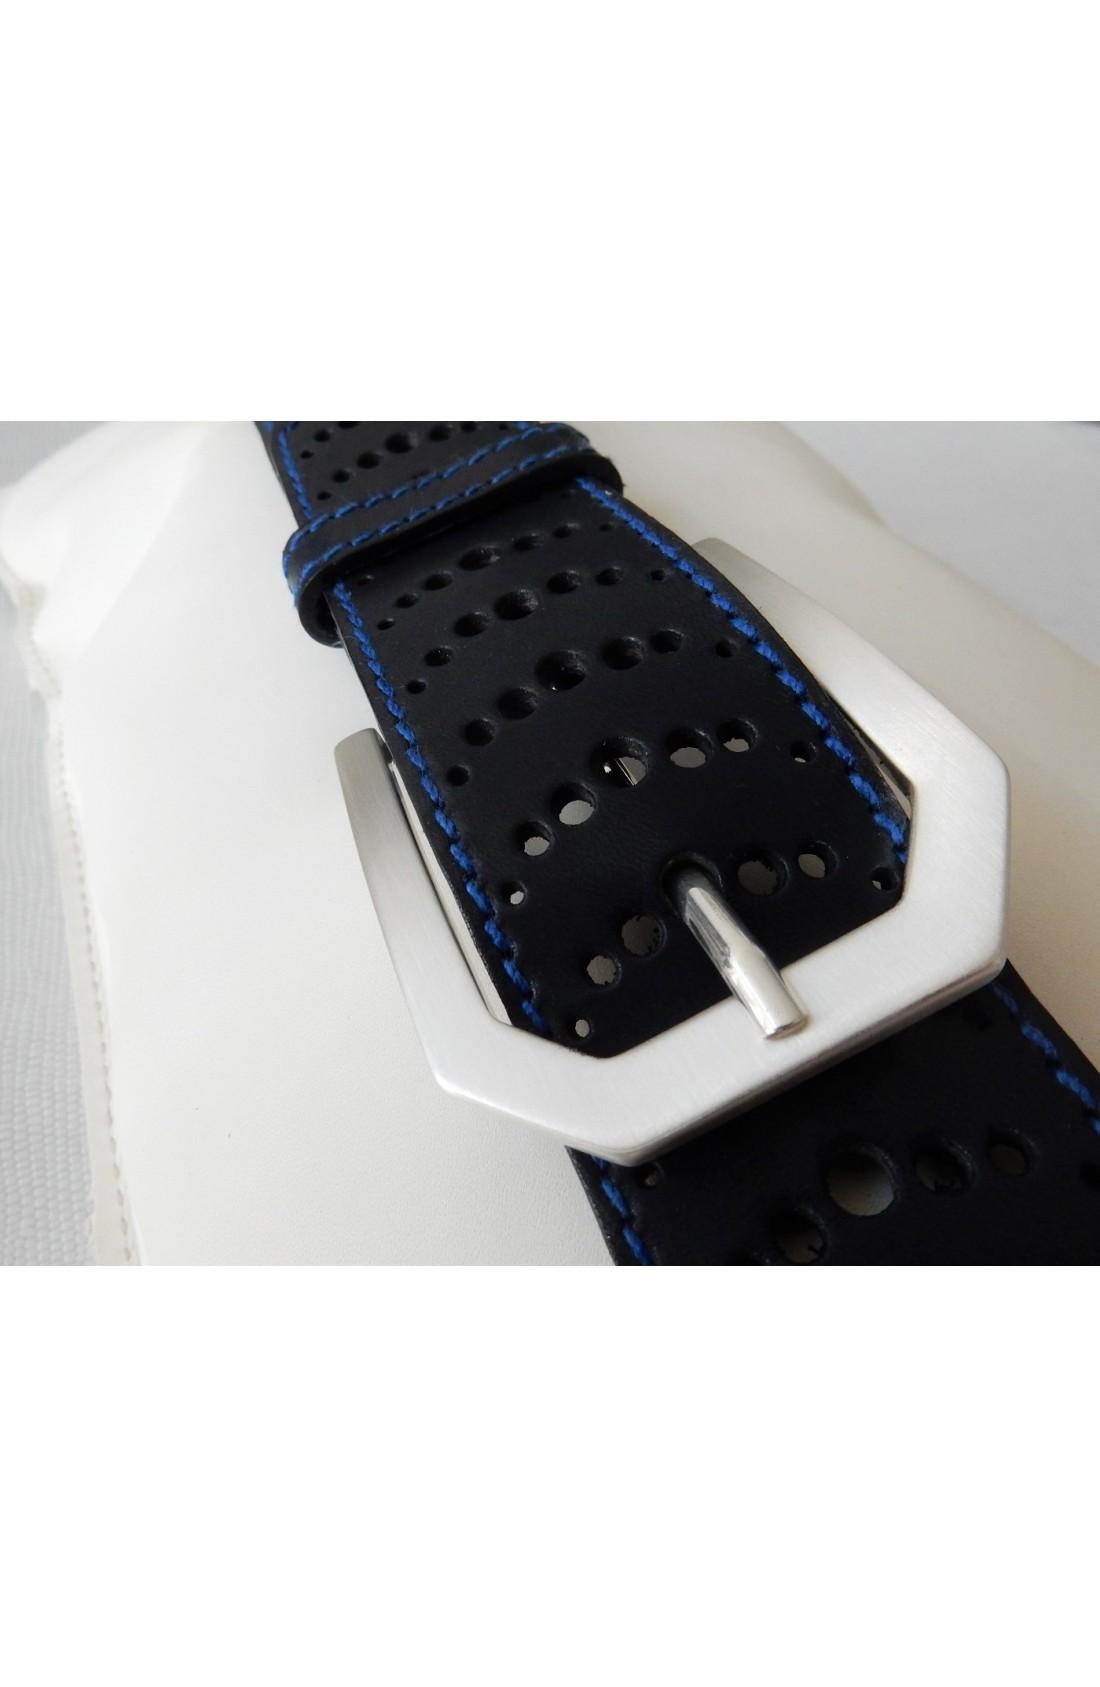 art. 499 ingrassato selleria KANSAS CUOIO su toro mm.40 var.5 blu (con serie di fori lungo tutta la cintura) fibbia standard Z 48 argento satinato (3)